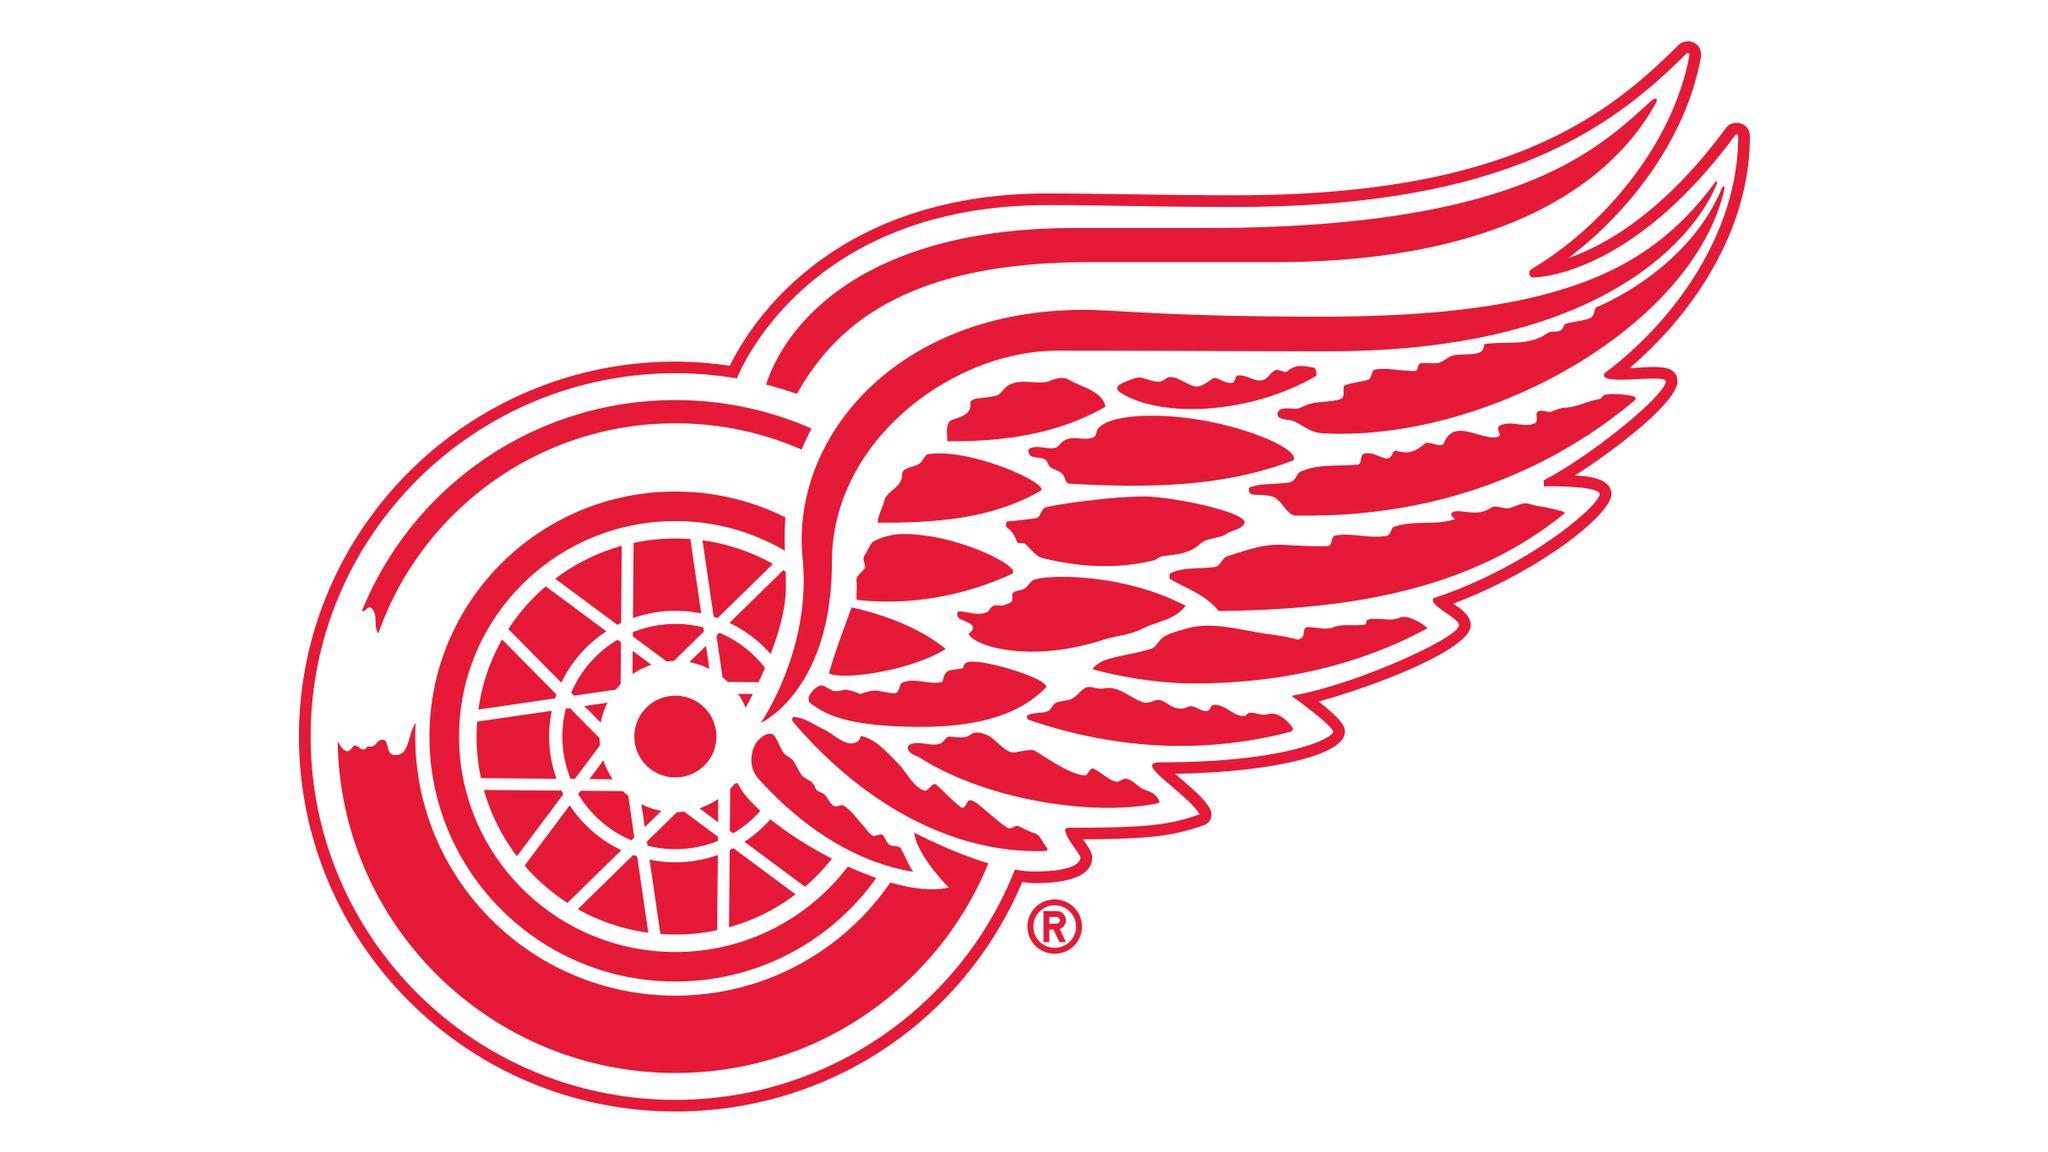 Detroit Red Wings v. Boston Bruins - Preseason